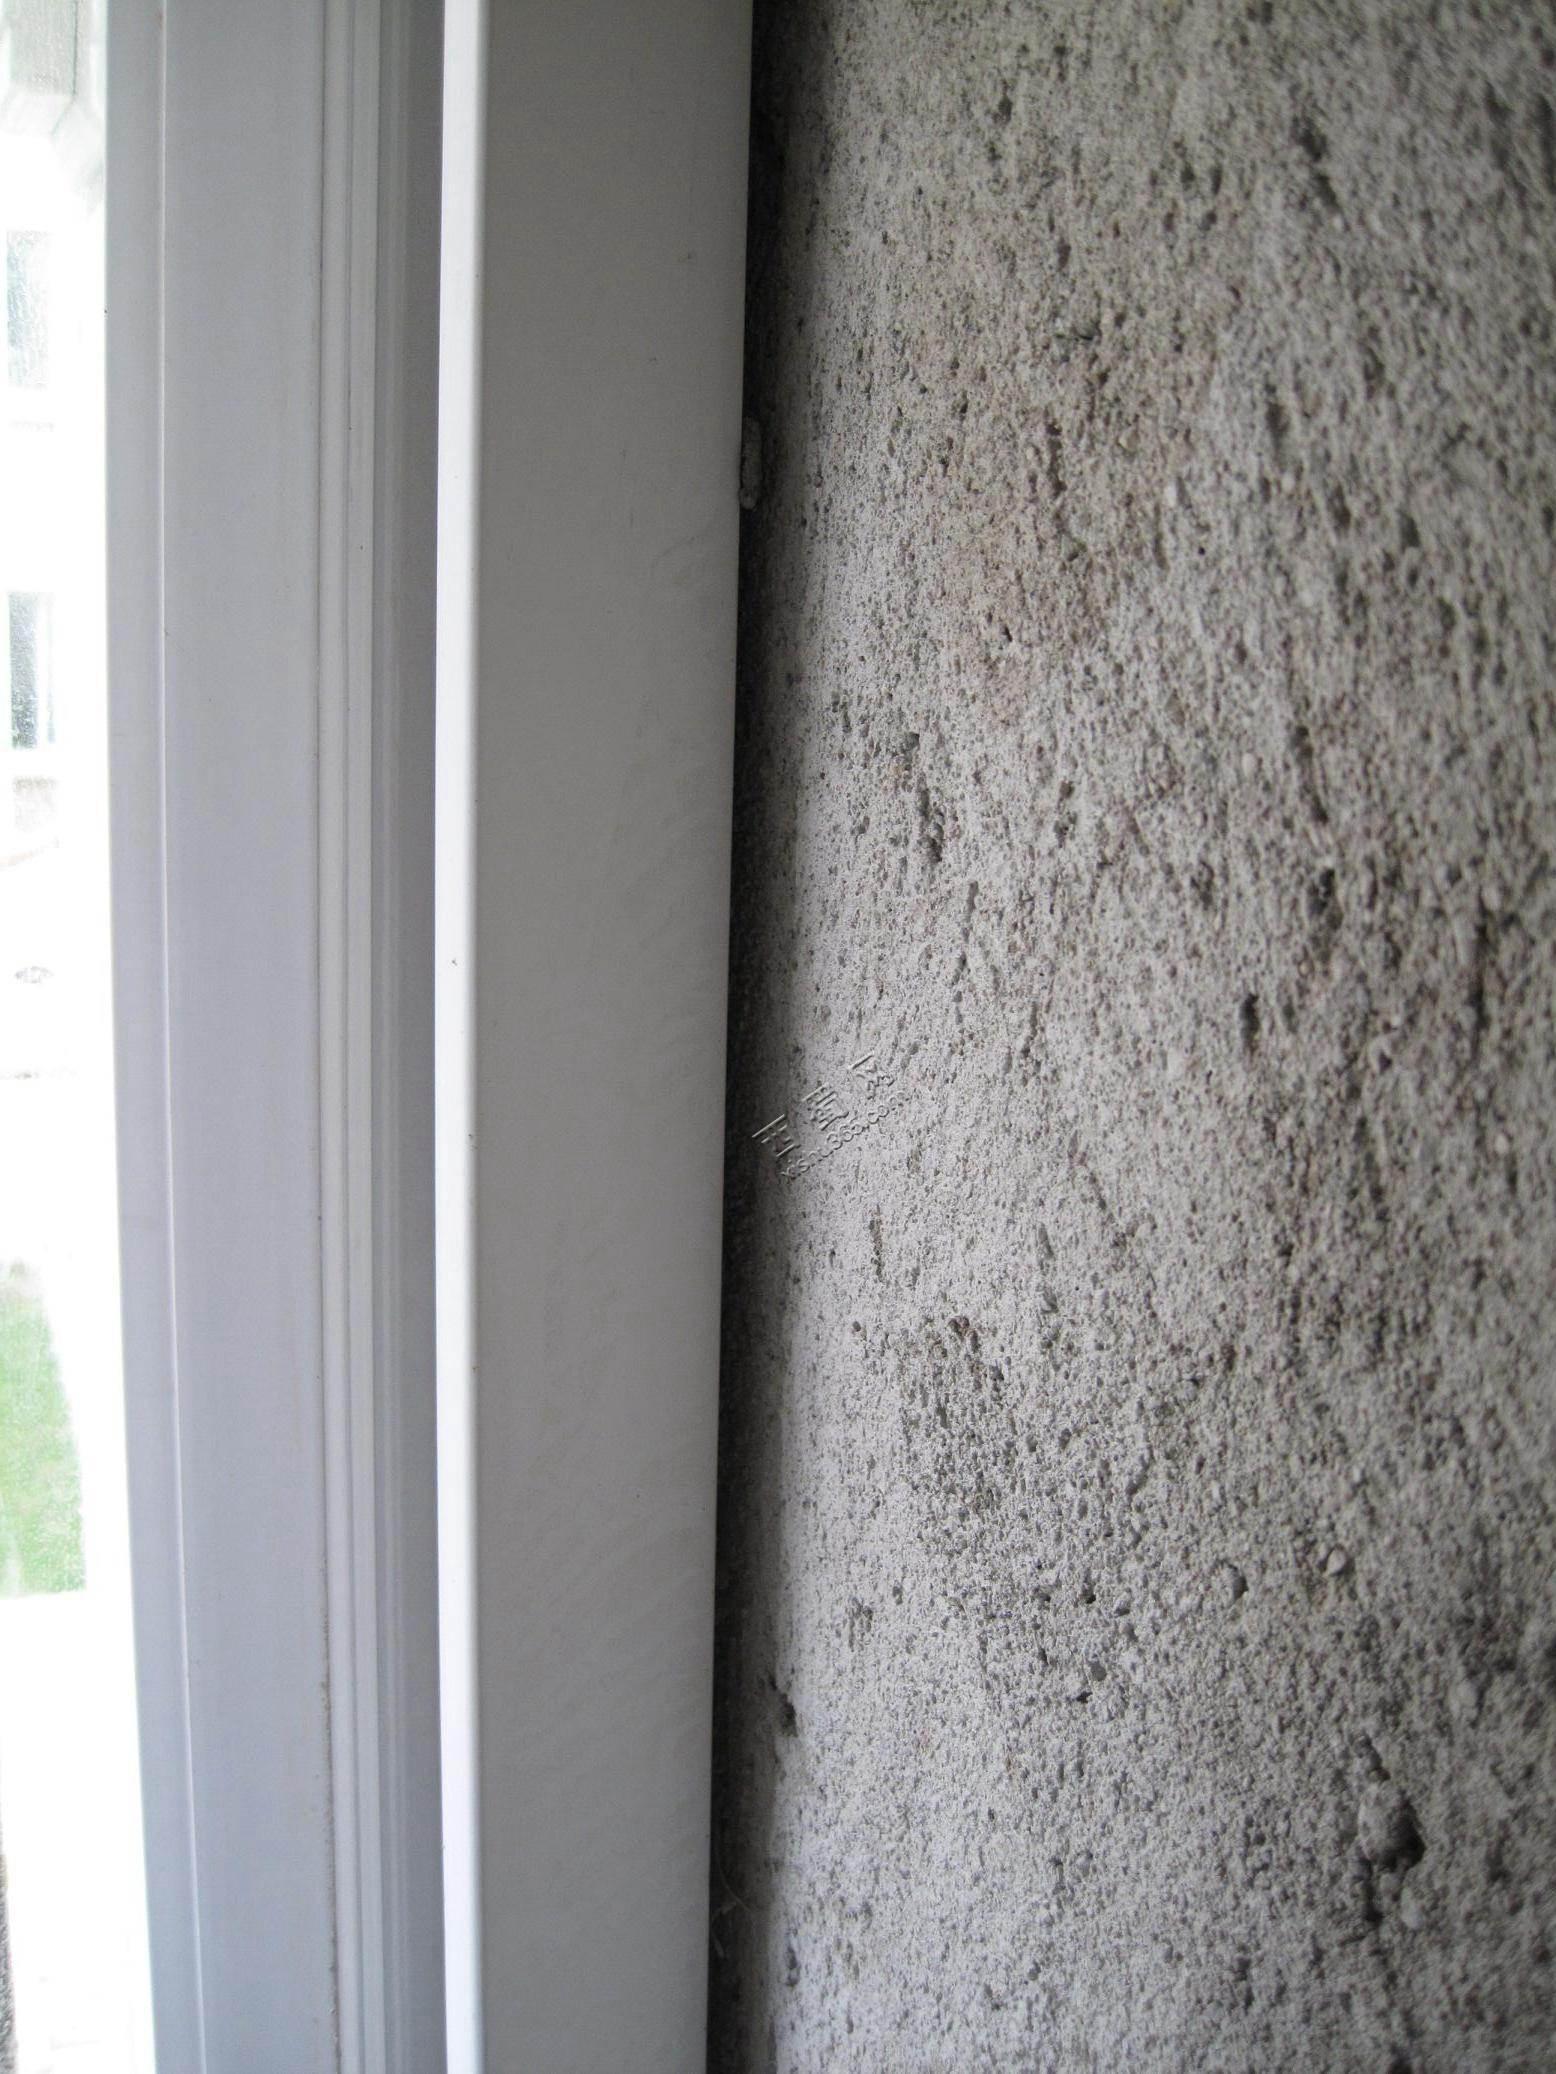 客厅塑钢门安装缝隙偏大,而且没有填充满